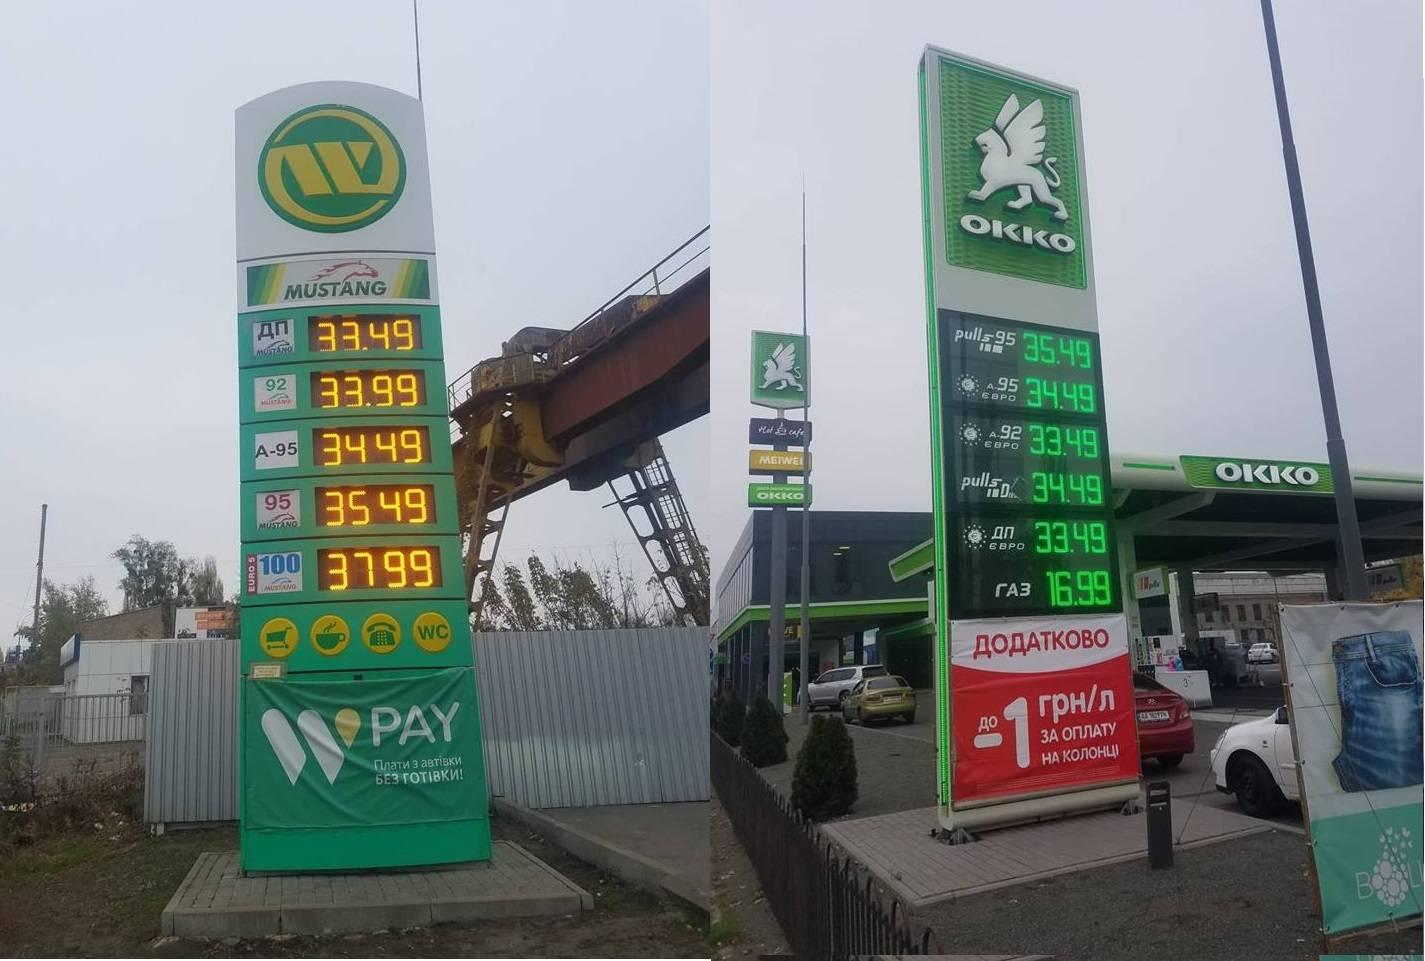 Стоимость бензина в европе. где самый дешёвый автобензин?